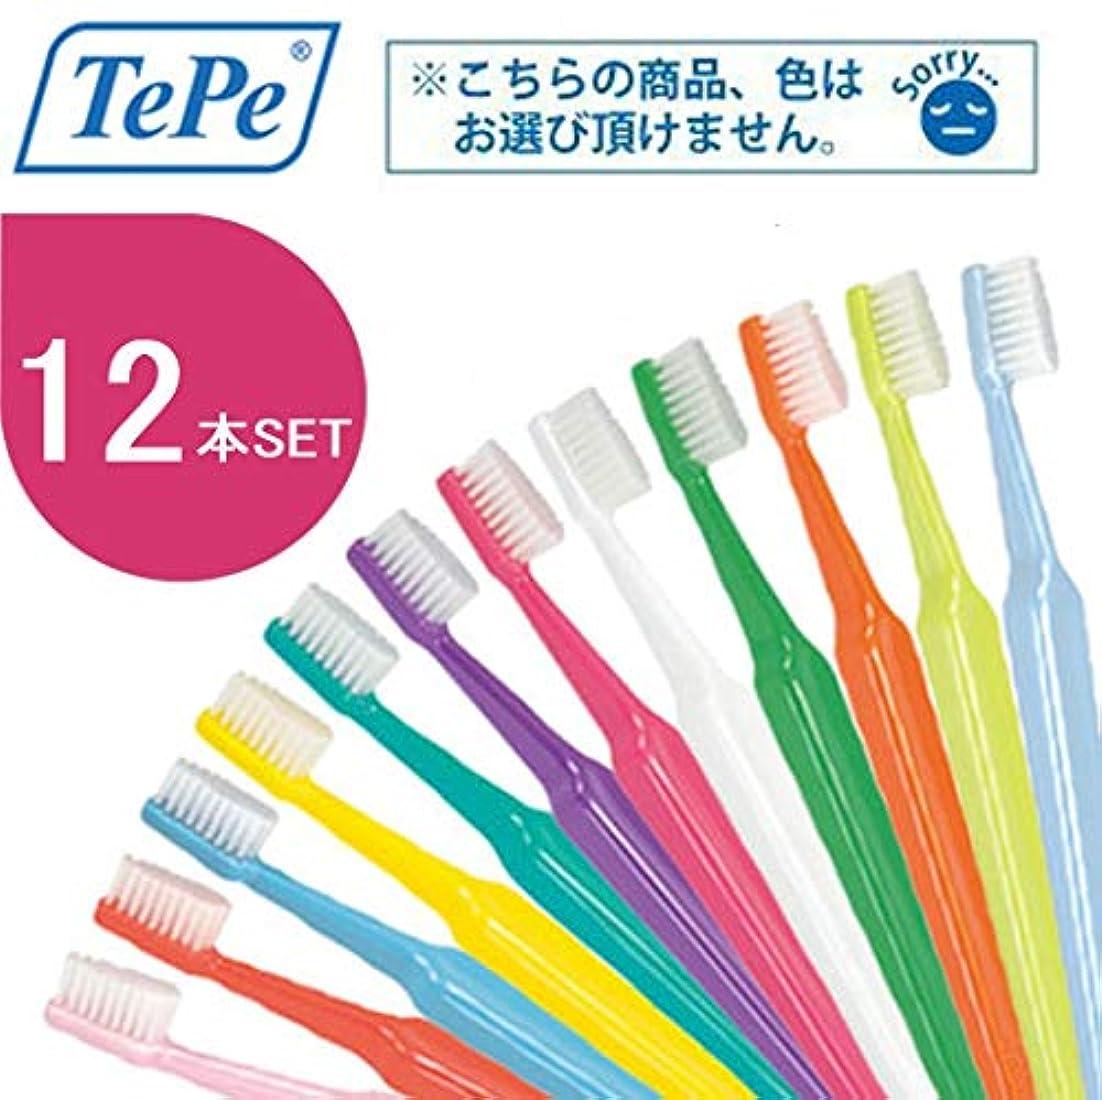 訪問召集する明日クロスフィールド TePe テペ セレクト 歯ブラシ 12本 (ソフト)